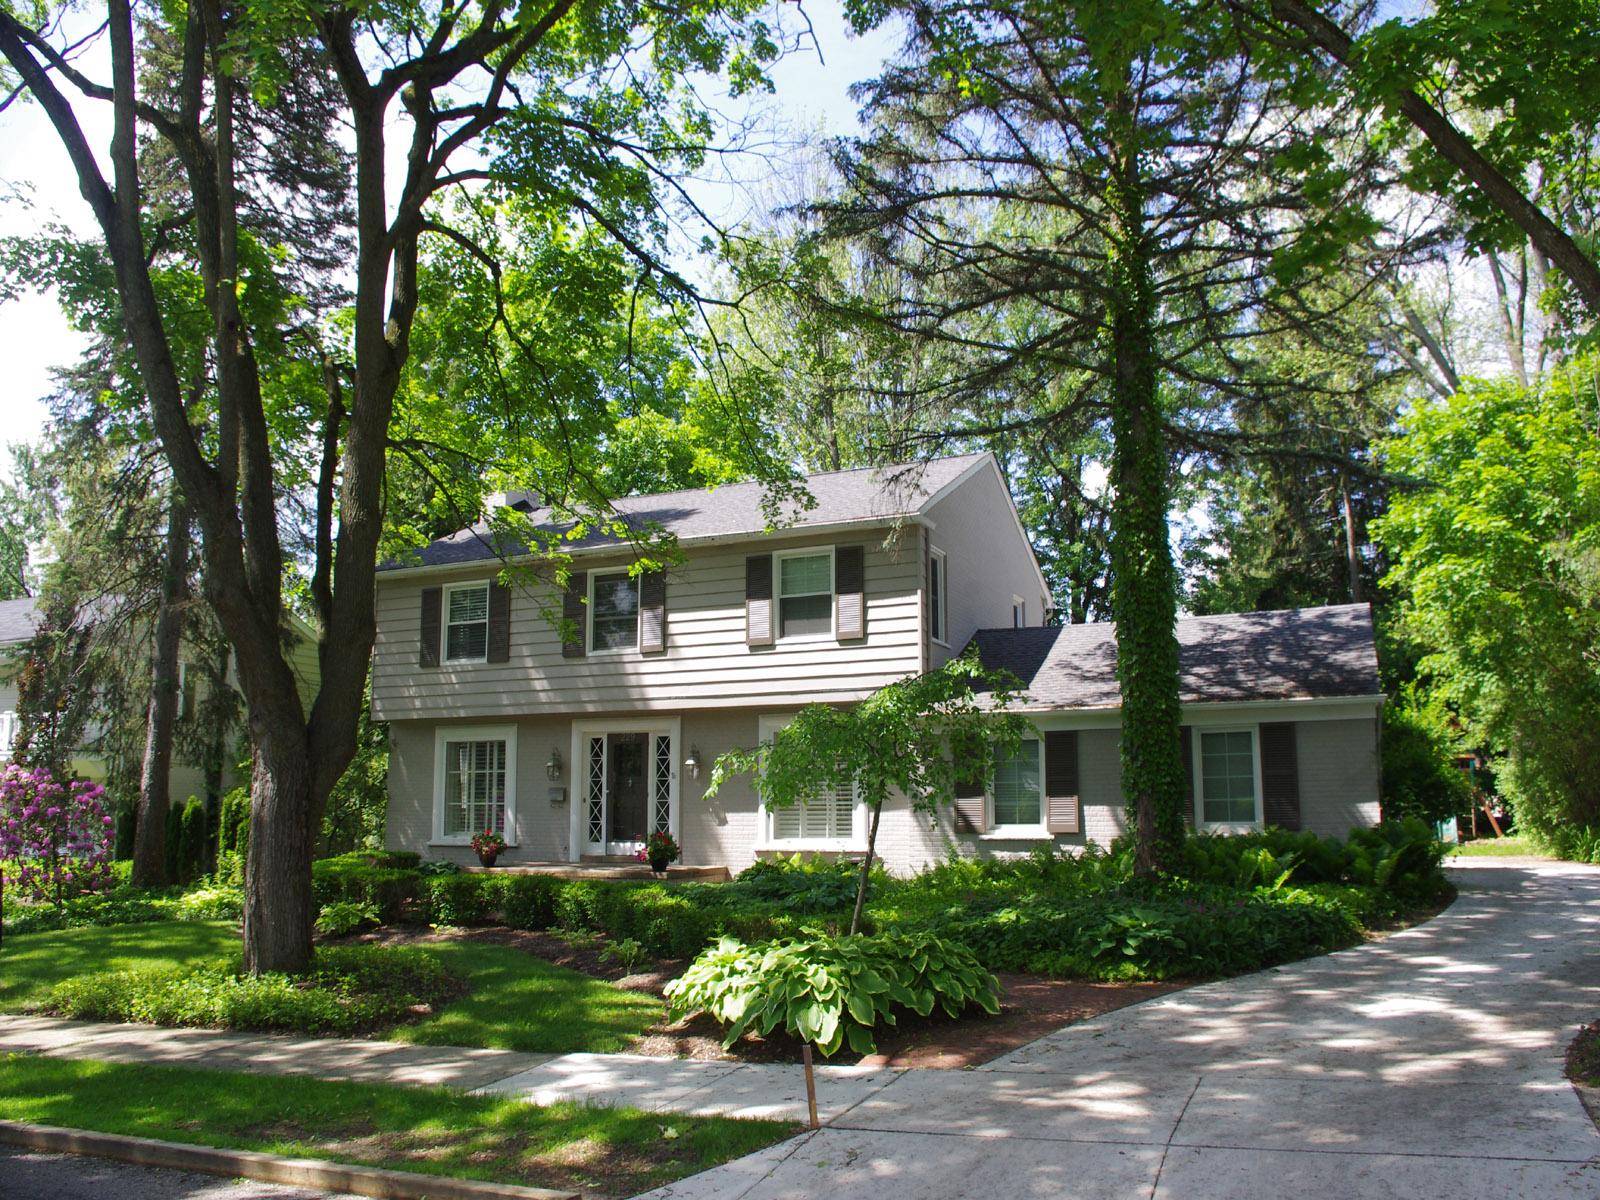 独户住宅 为 销售 在 Bloomfield 229 Clifton Road Bloomfield, 密歇根州 48301 美国